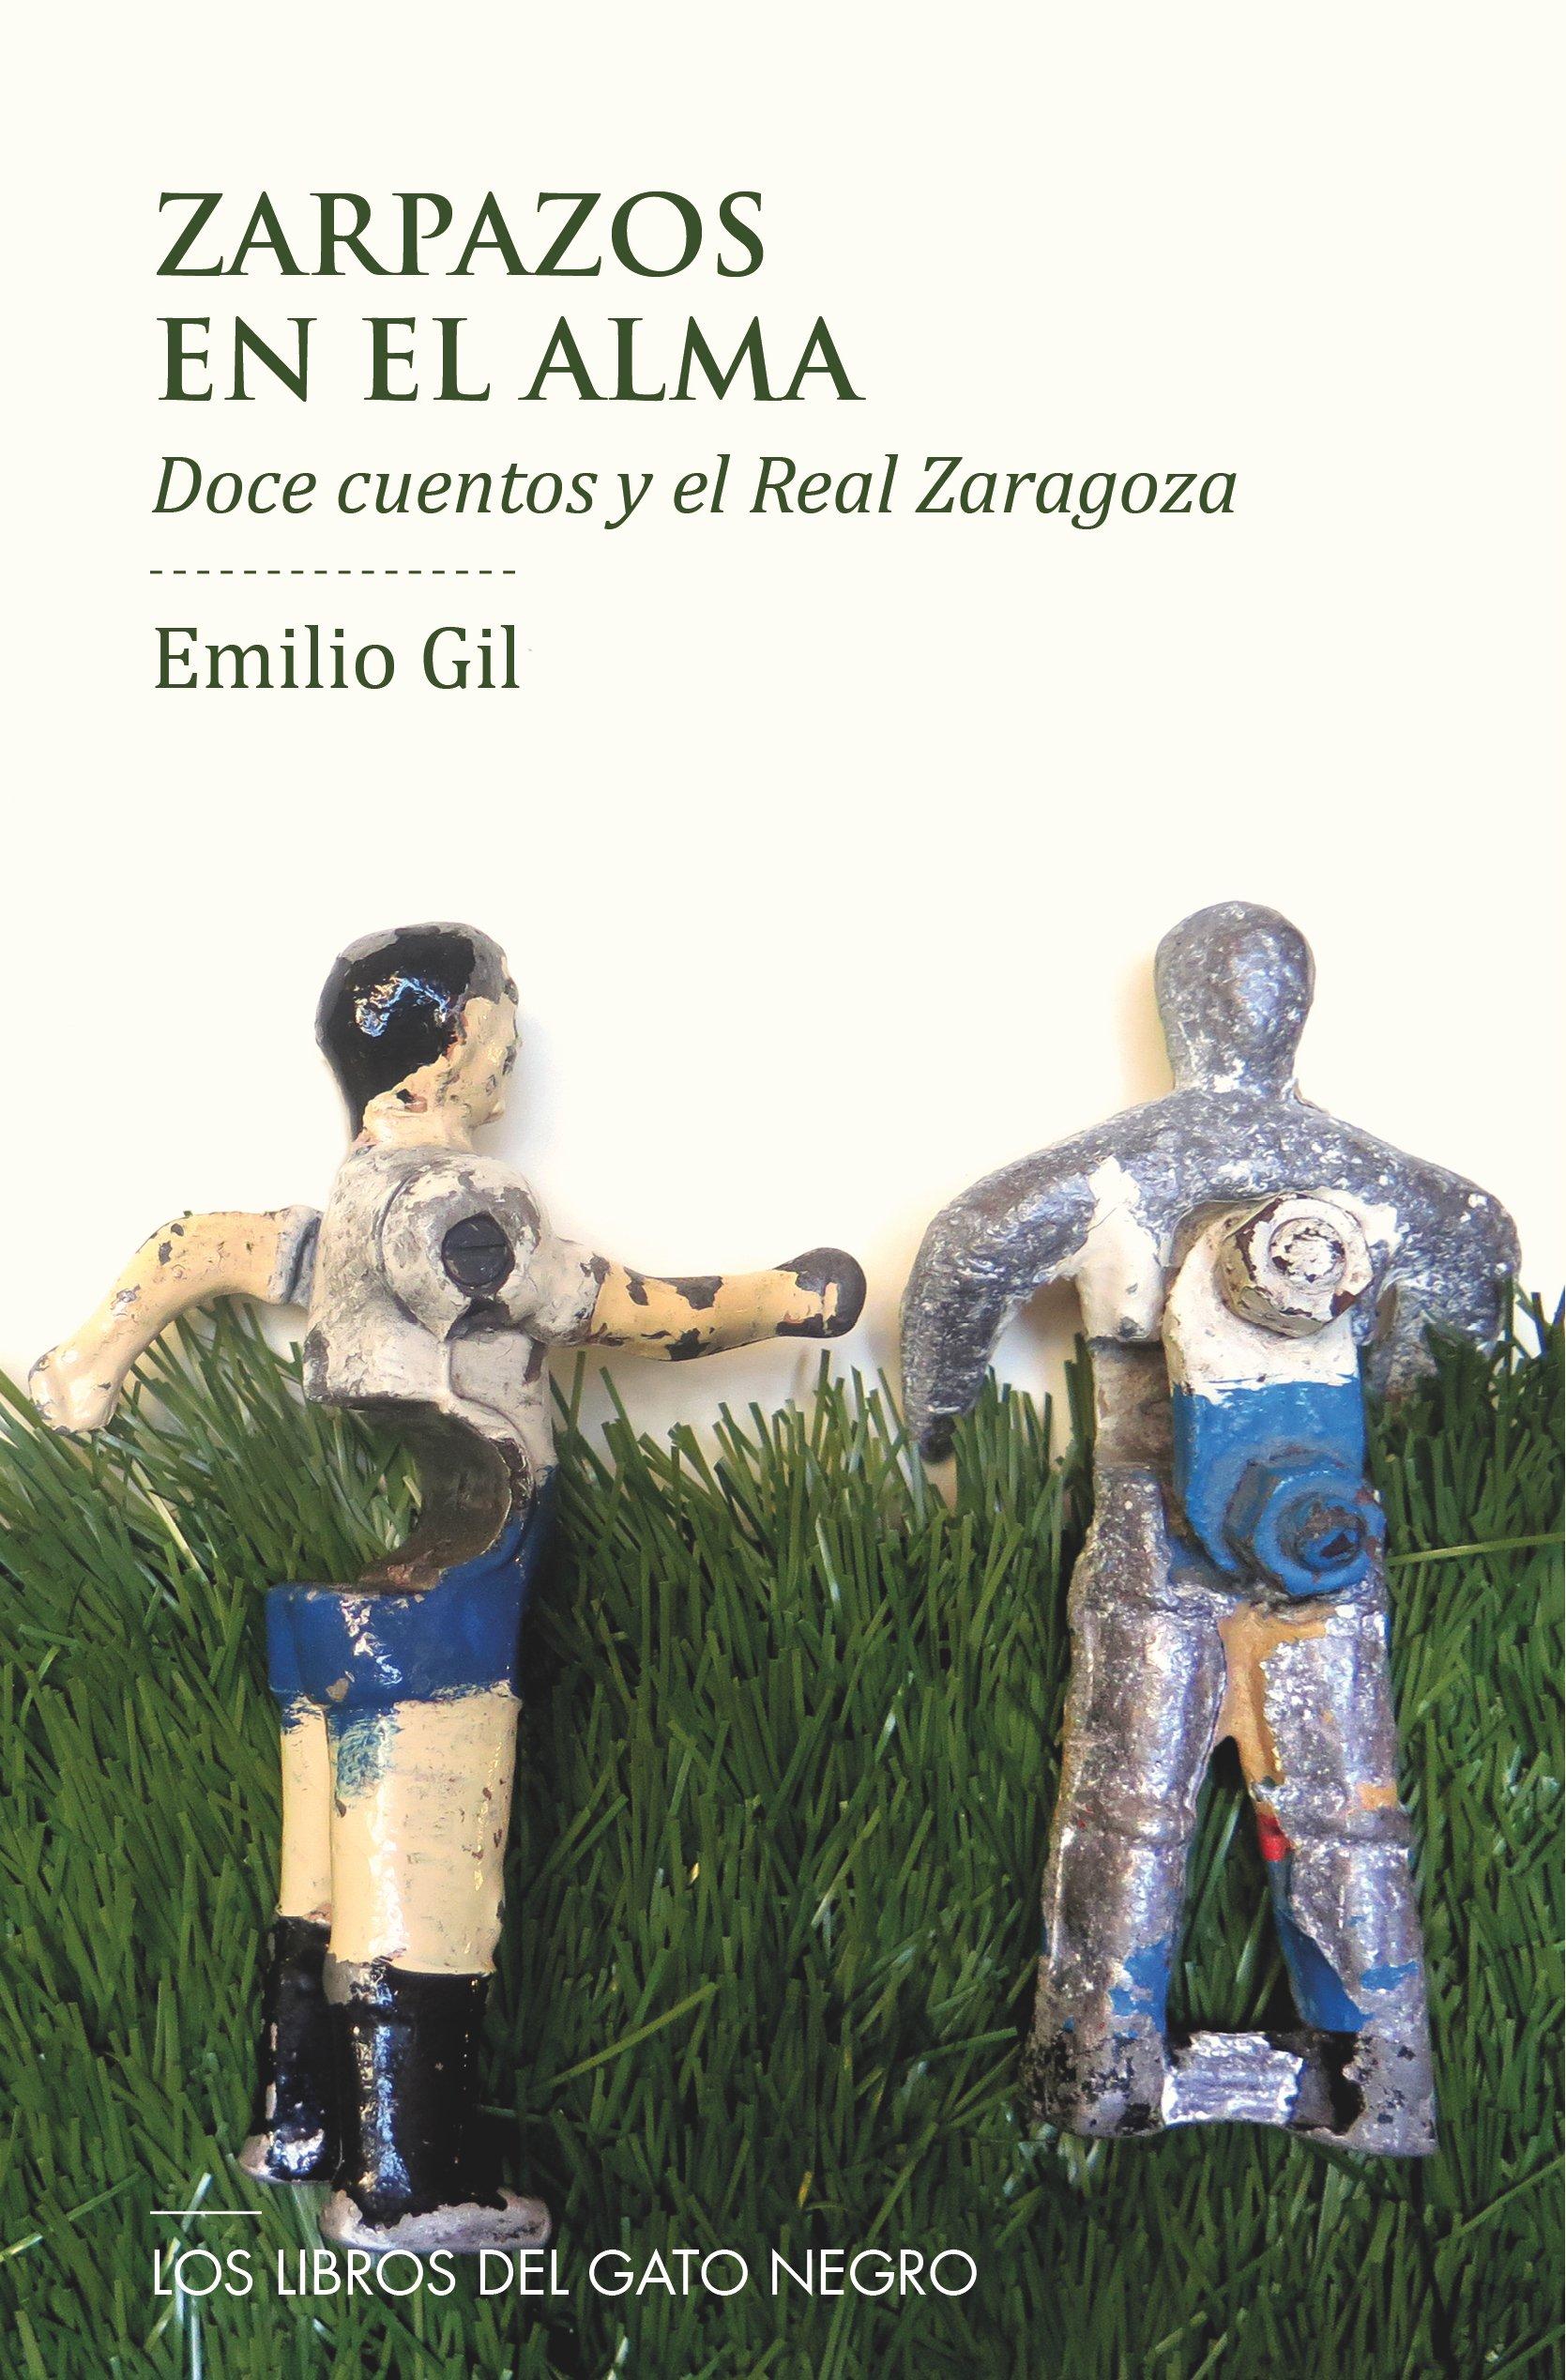 ZARPAZOS EN EL ALMA (ENTRE LÍNEAS): Amazon.es: EMILIO GIL MOYA, ALBERTO ZAPATER ARJOL: Libros